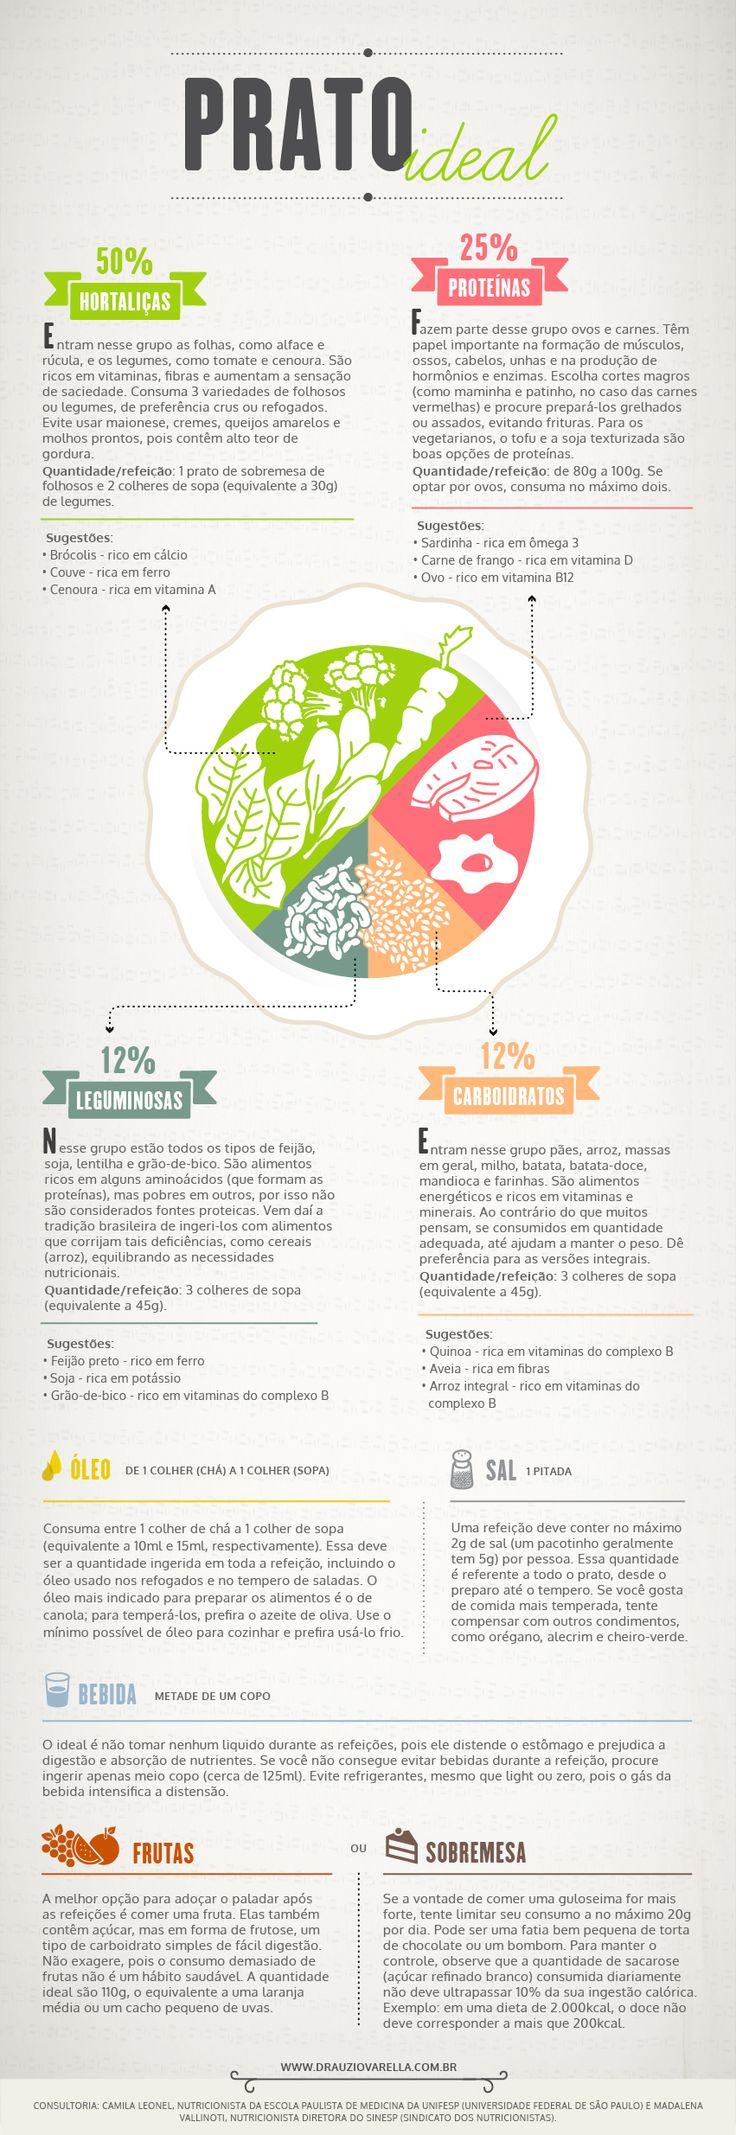 Quanto mais colorida a alimentação, maior a presença de nutrientes no prato. Mas qual é a quantidade ideal que devemos consumir de cada ingrediente?